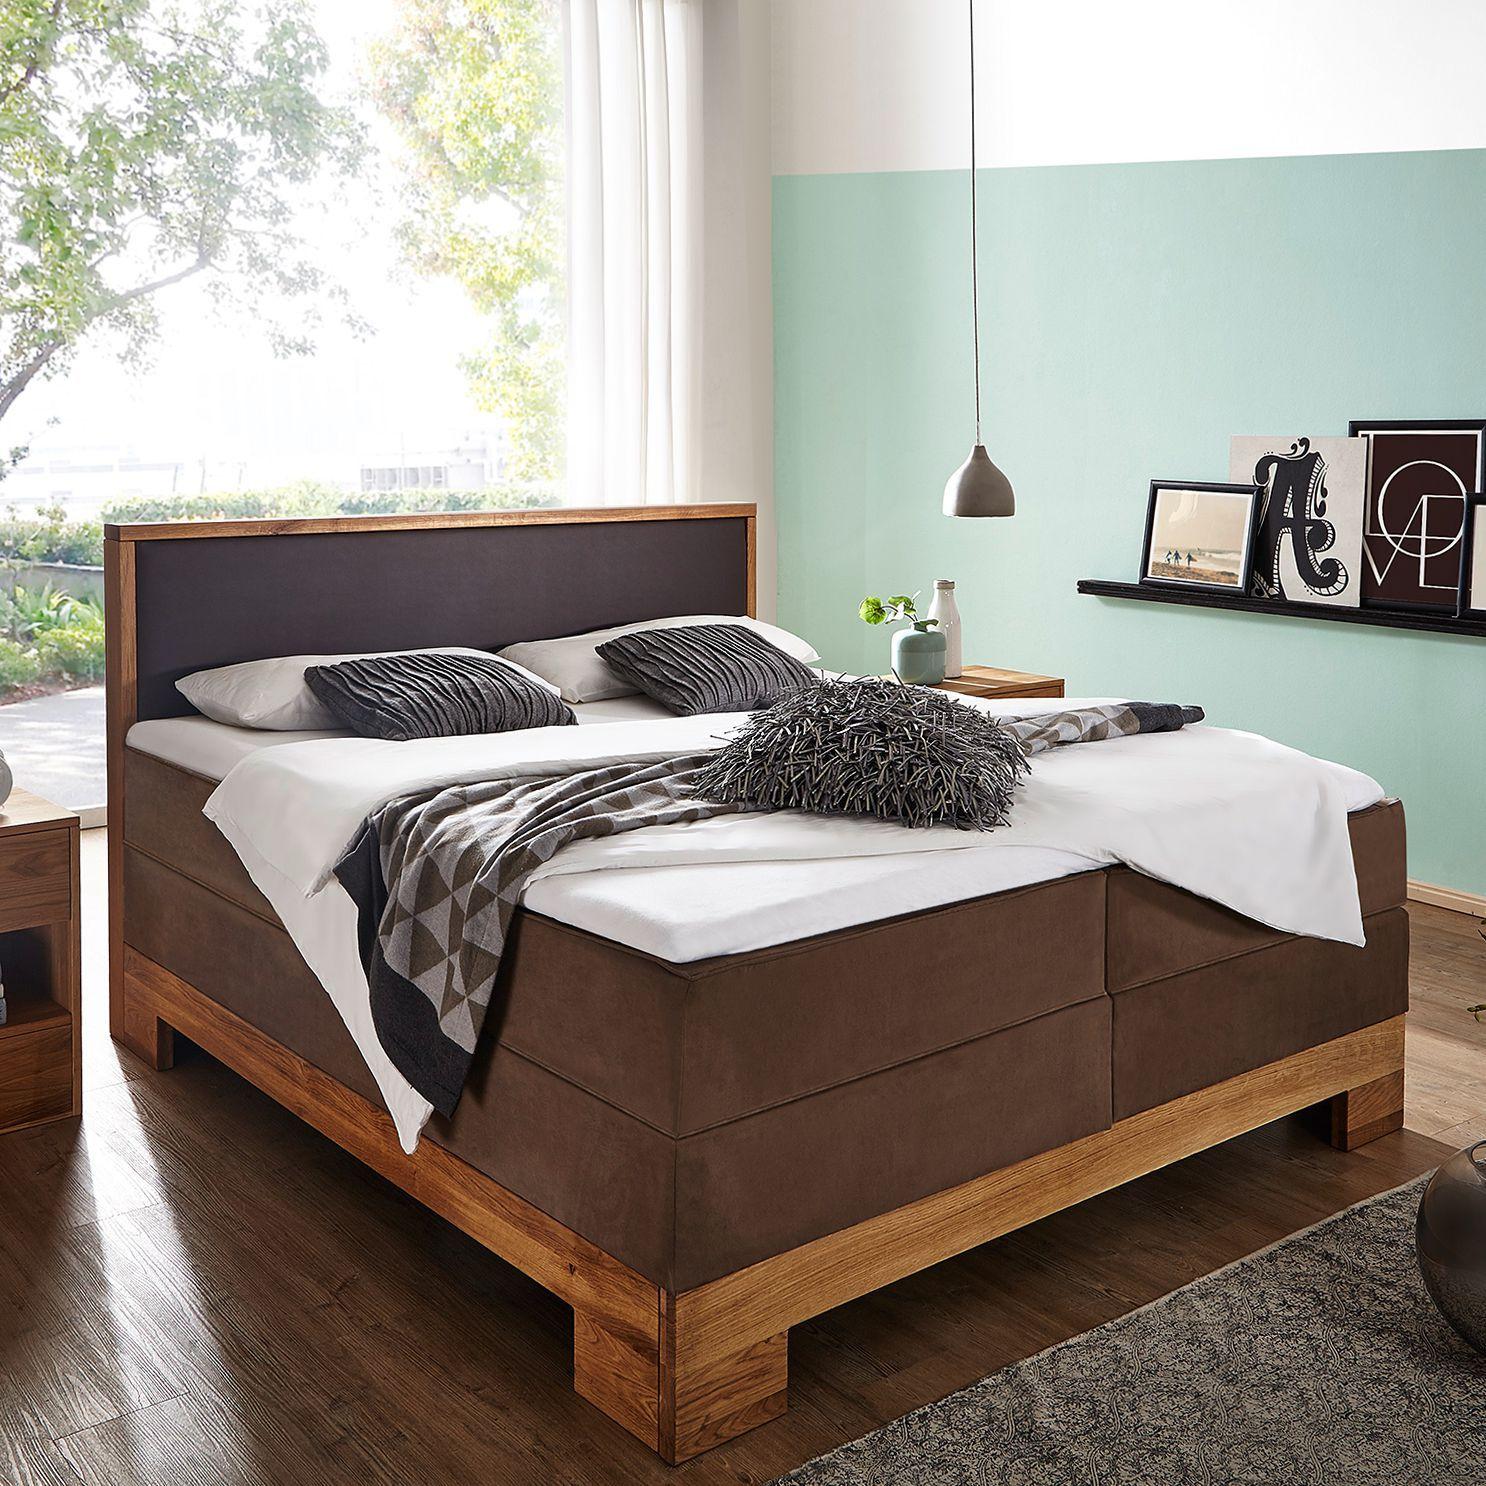 Weißes Bett 200x200 Bett Mit Bettkasten 180x200 Holz